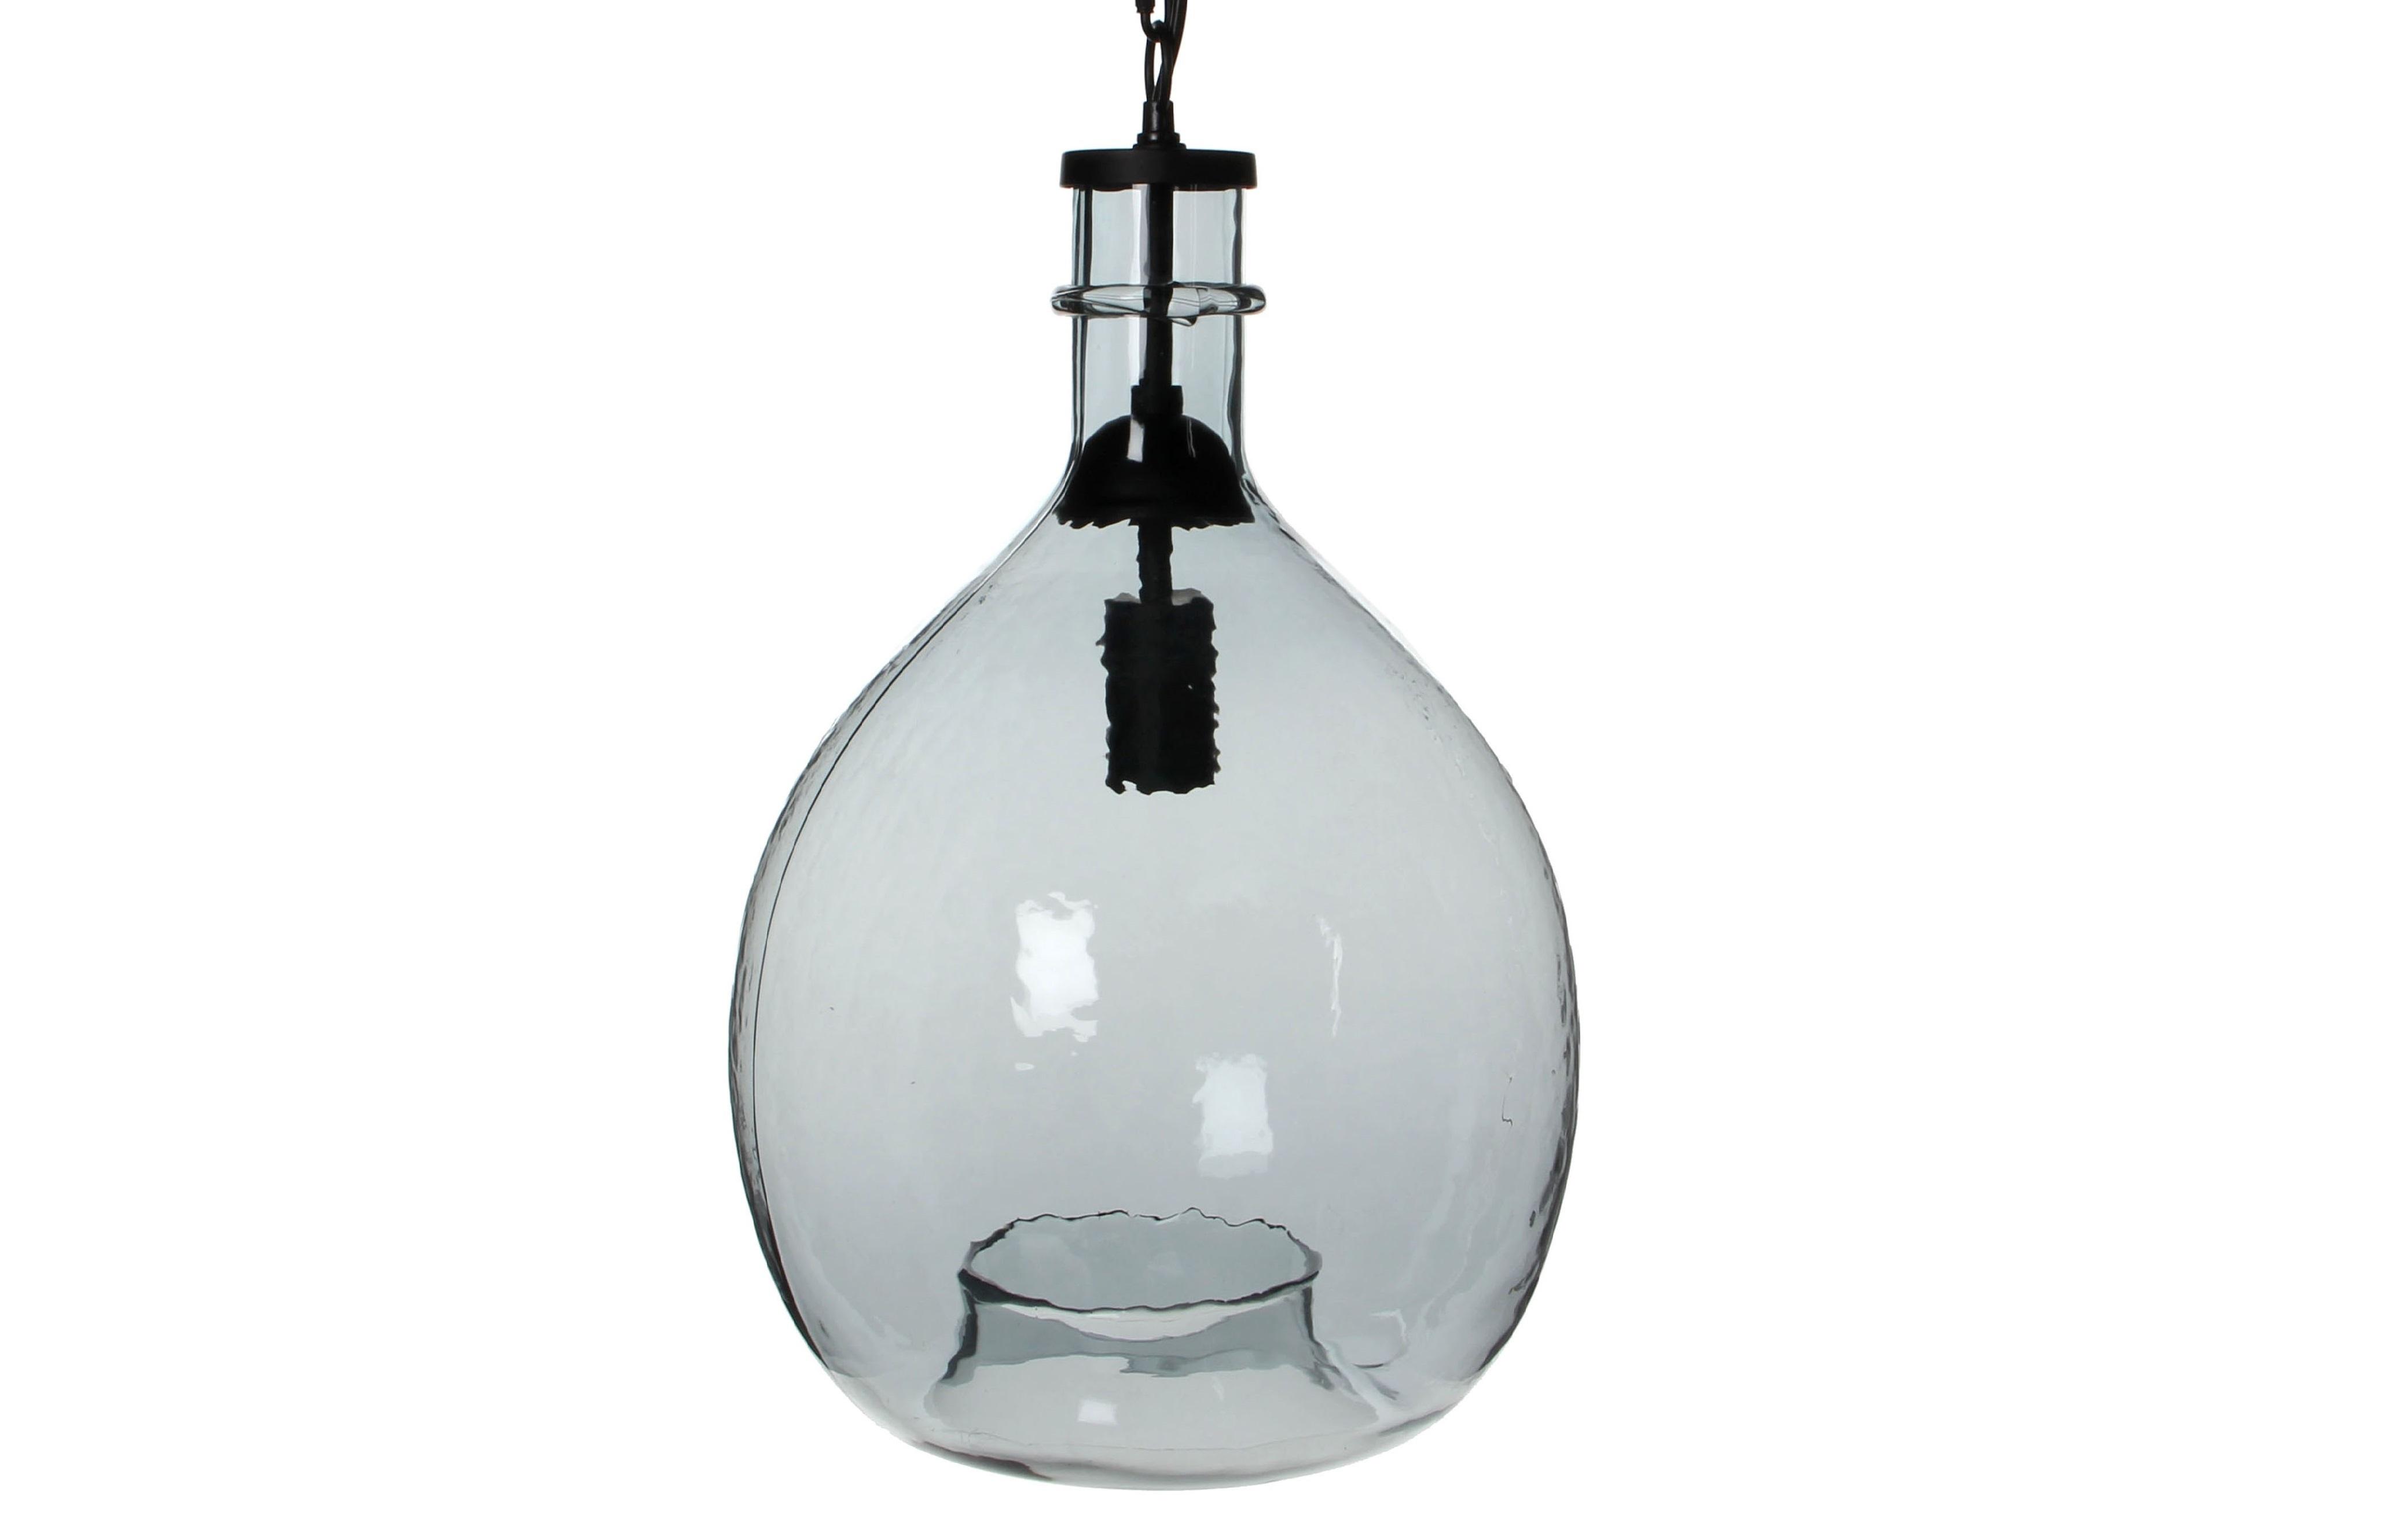 Лампа LISBOAПодвесные светильники<br>Массивный светильник производит эффектное впечатление благодаря контрастному сочетанию цветного стекла с металлическими элементами и цепью.&amp;lt;div&amp;gt;&amp;lt;br&amp;gt;&amp;lt;/div&amp;gt;&amp;lt;div&amp;gt;Вид цоколя: Е27&amp;lt;/div&amp;gt;&amp;lt;div&amp;gt;Мощность: 60W&amp;lt;/div&amp;gt;&amp;lt;div&amp;gt;Количество ламп: 1&amp;lt;/div&amp;gt;&amp;lt;div&amp;gt;&amp;lt;br&amp;gt;&amp;lt;/div&amp;gt;<br><br>Material: Стекло<br>Высота см: 65